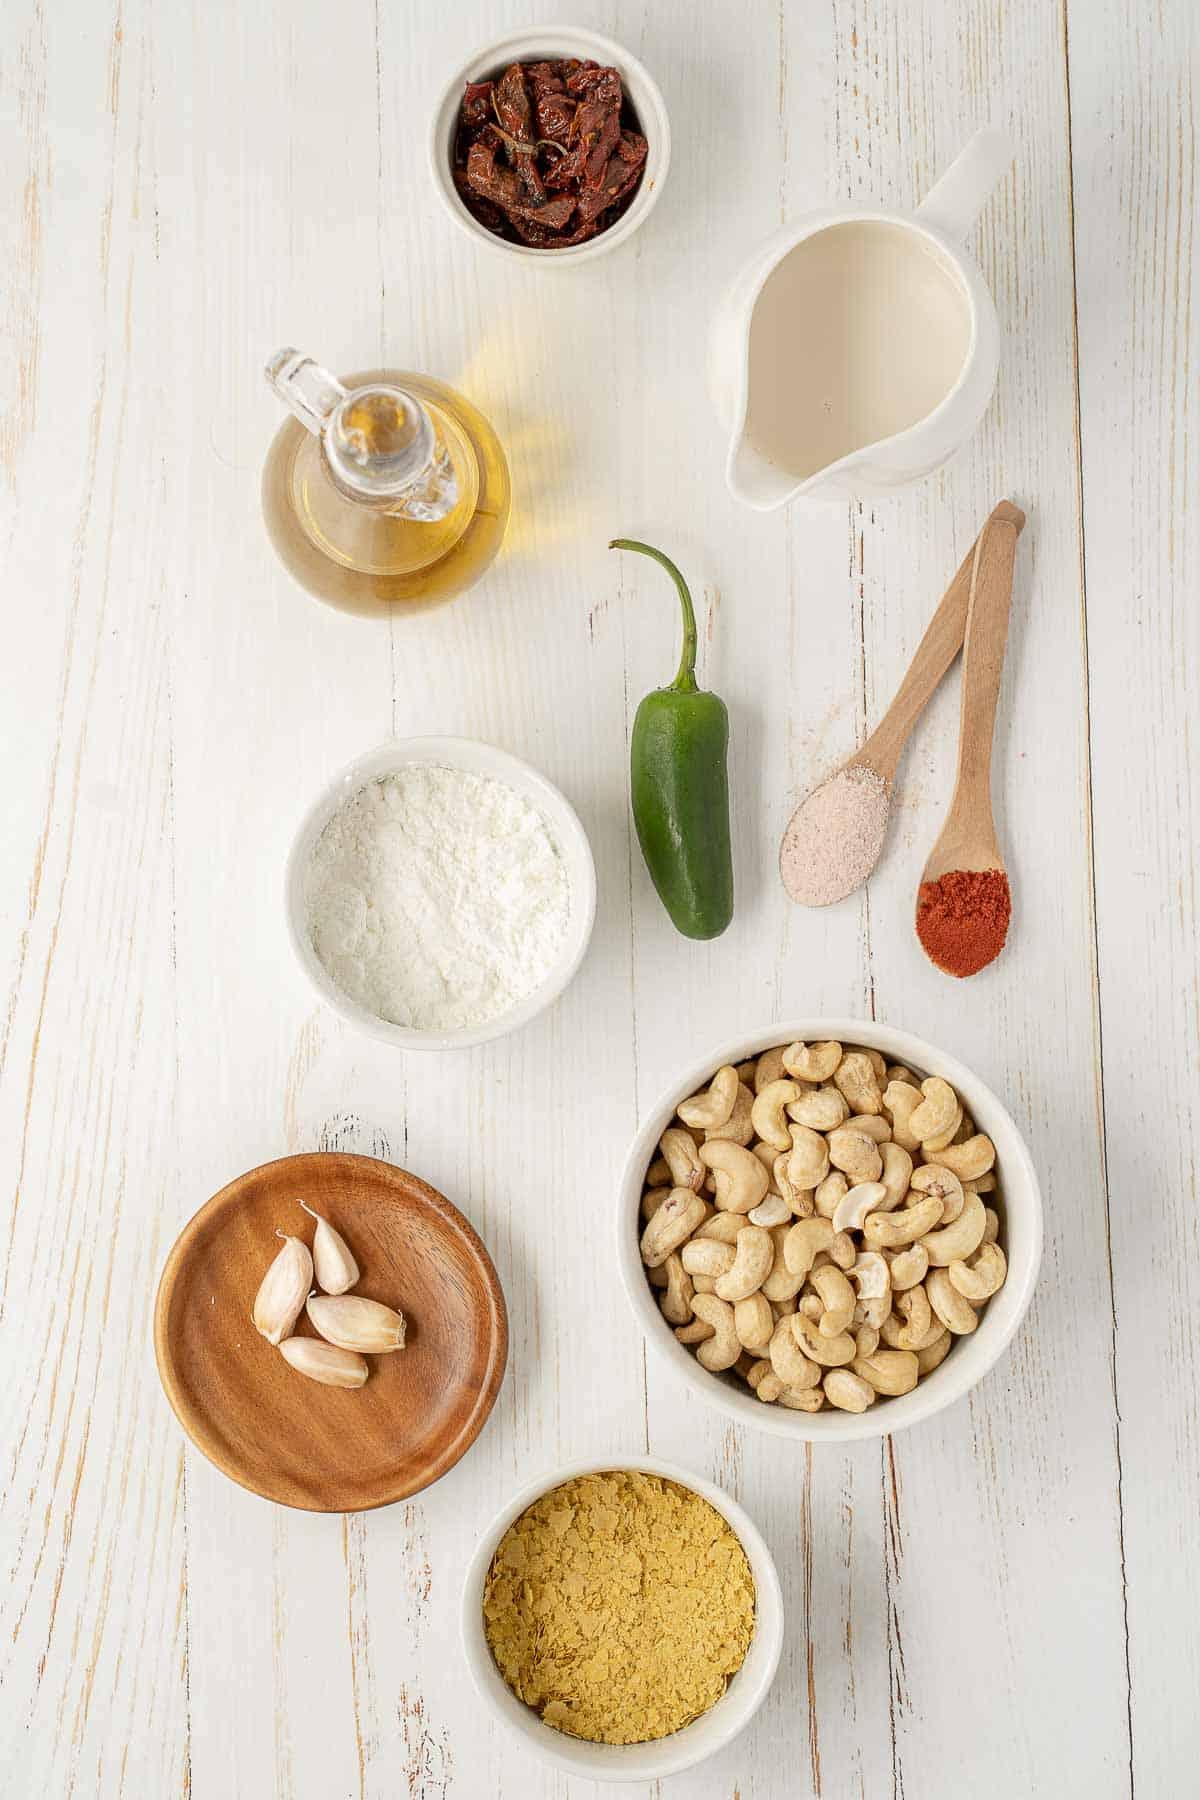 Ingredients to make vegan cheese dip.